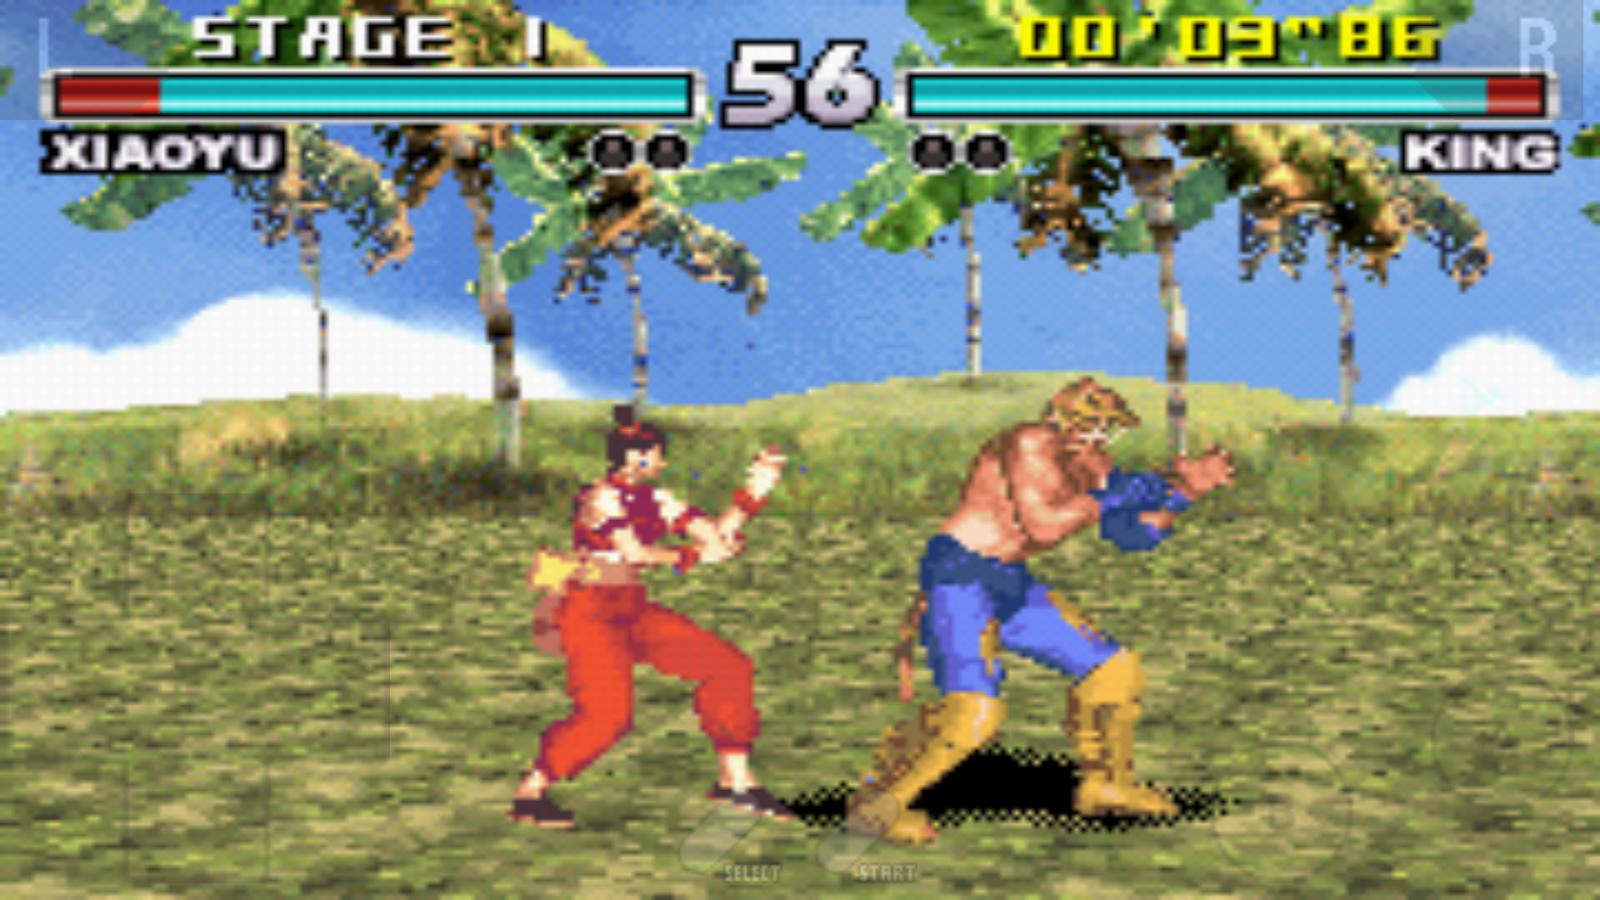 Gameboy color emulator online - Free Gba Emulator Screenshot